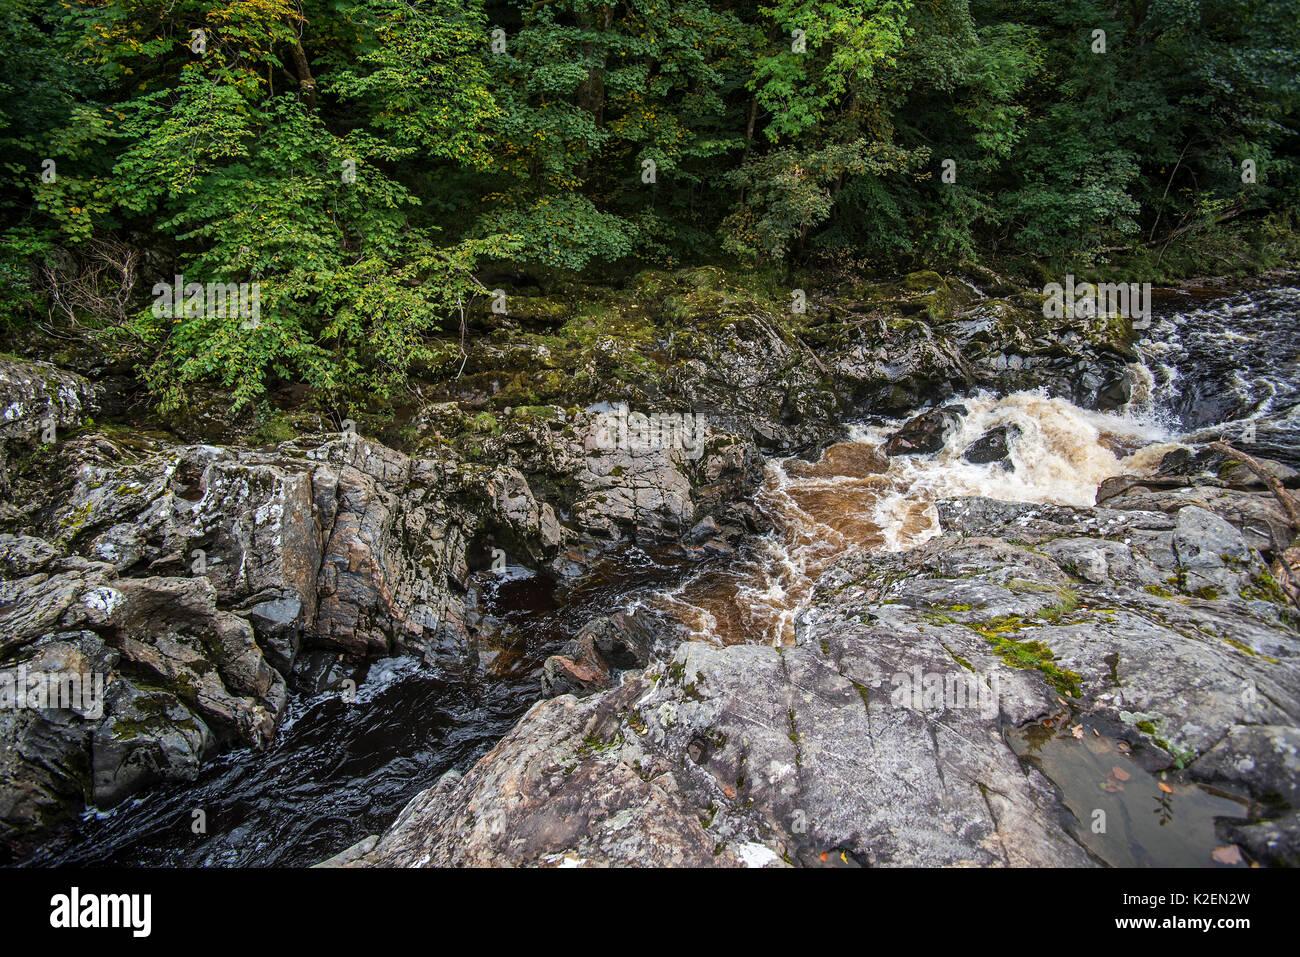 Soldier's Leap, tache historique le long de la rivière Garry au col de Killiecrankie, Écosse, Royaume-Uni, septembre Banque D'Images